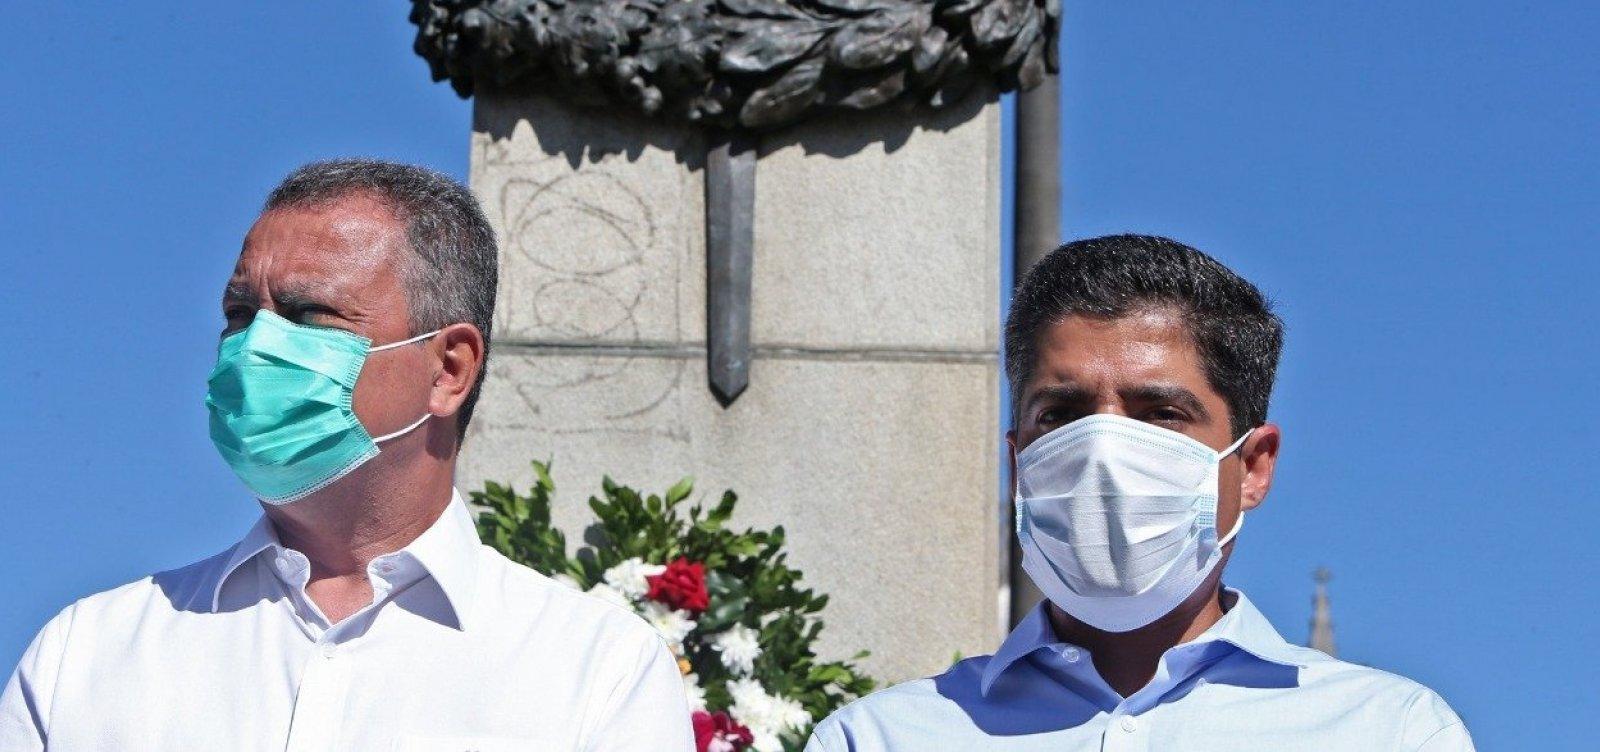 [Prefeitura vai disponibilizar respiradores para governo ampliar leitos em Salvador]